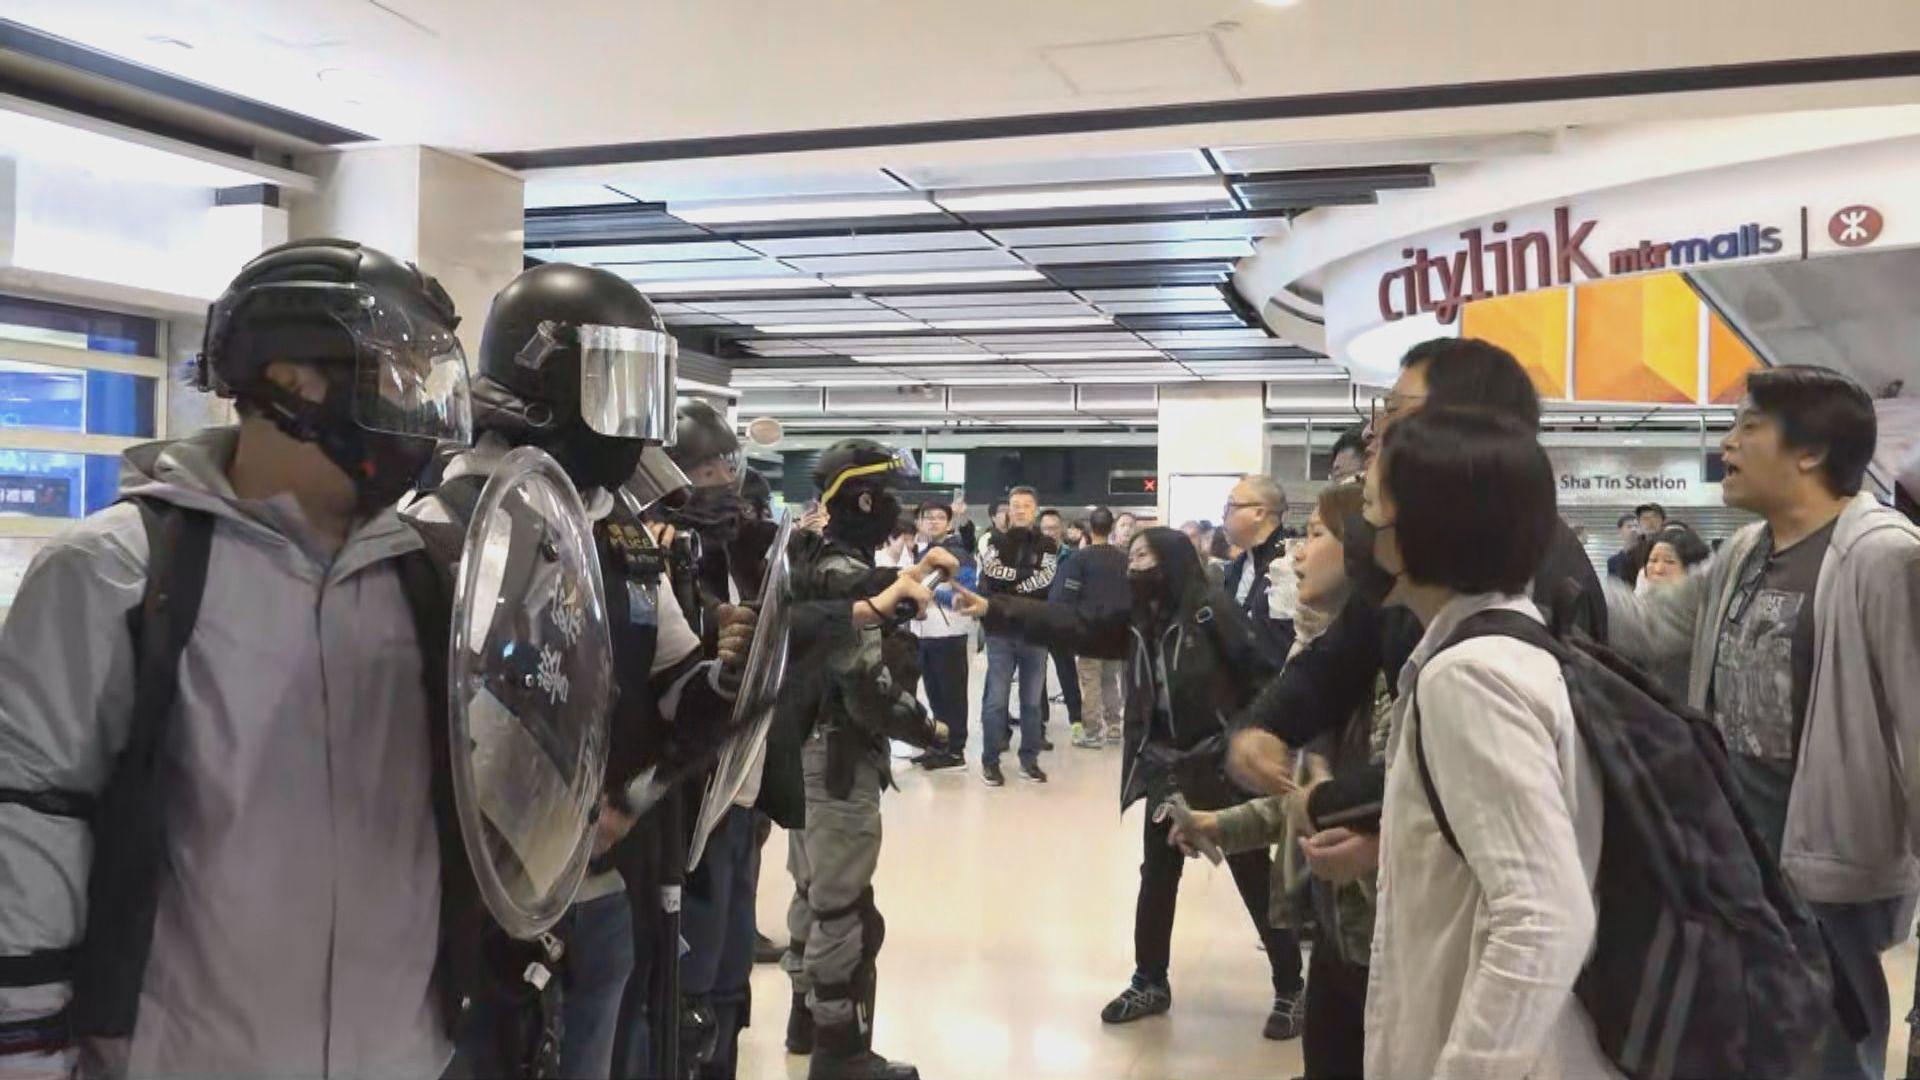 【現場報道·新城市廣場】警員制服多人 情況混亂市民走避